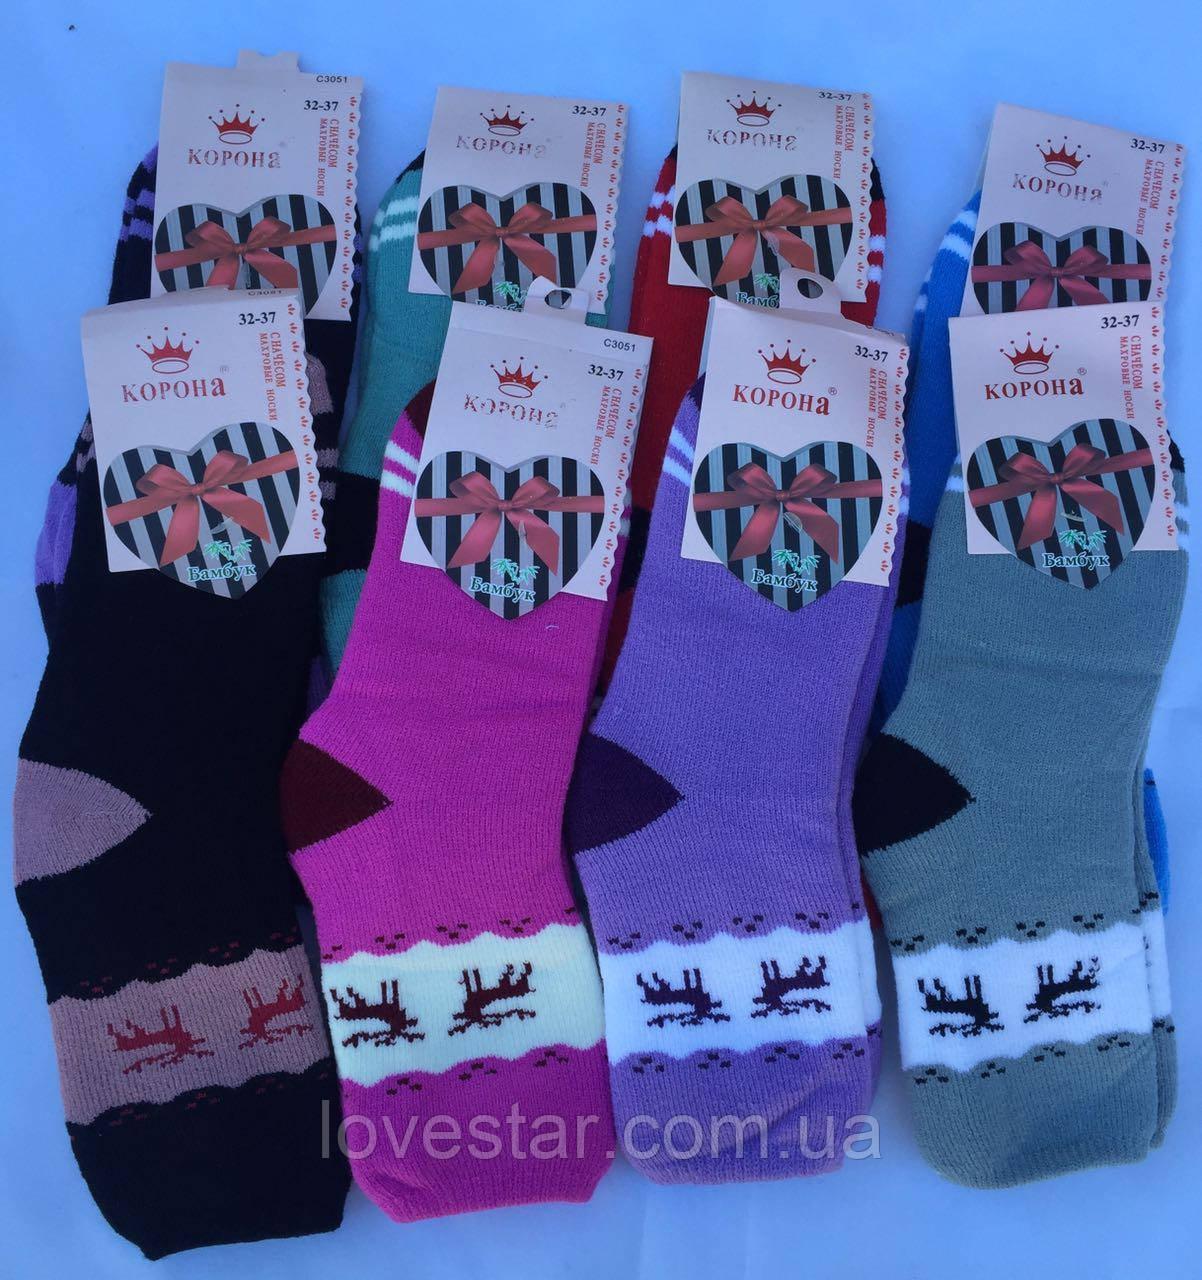 Подростковые махровые носки бамбук КОРОНА Р.р 32-37